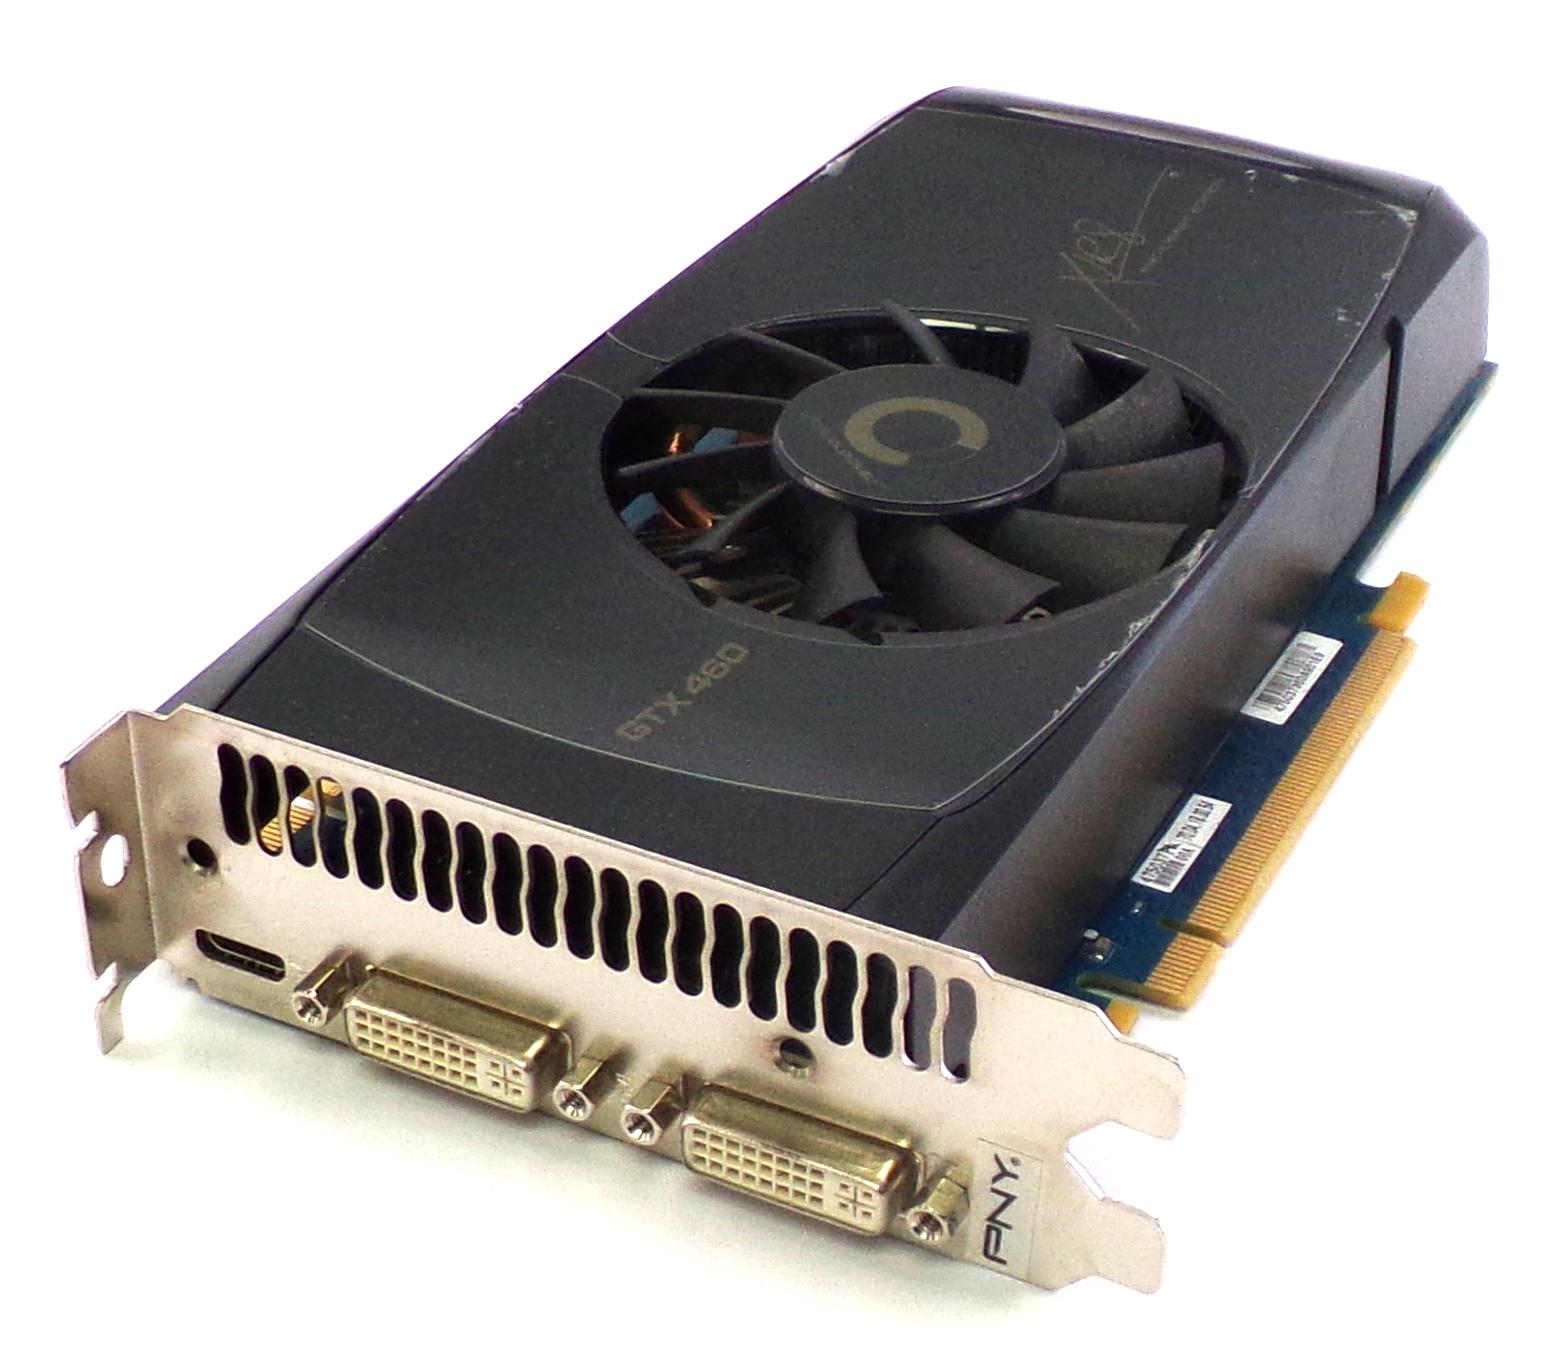 PNY KMGX460N2H1GZPB GeForce GTX 460 PCI-E 1GB GDDR5 OC Graphics Card